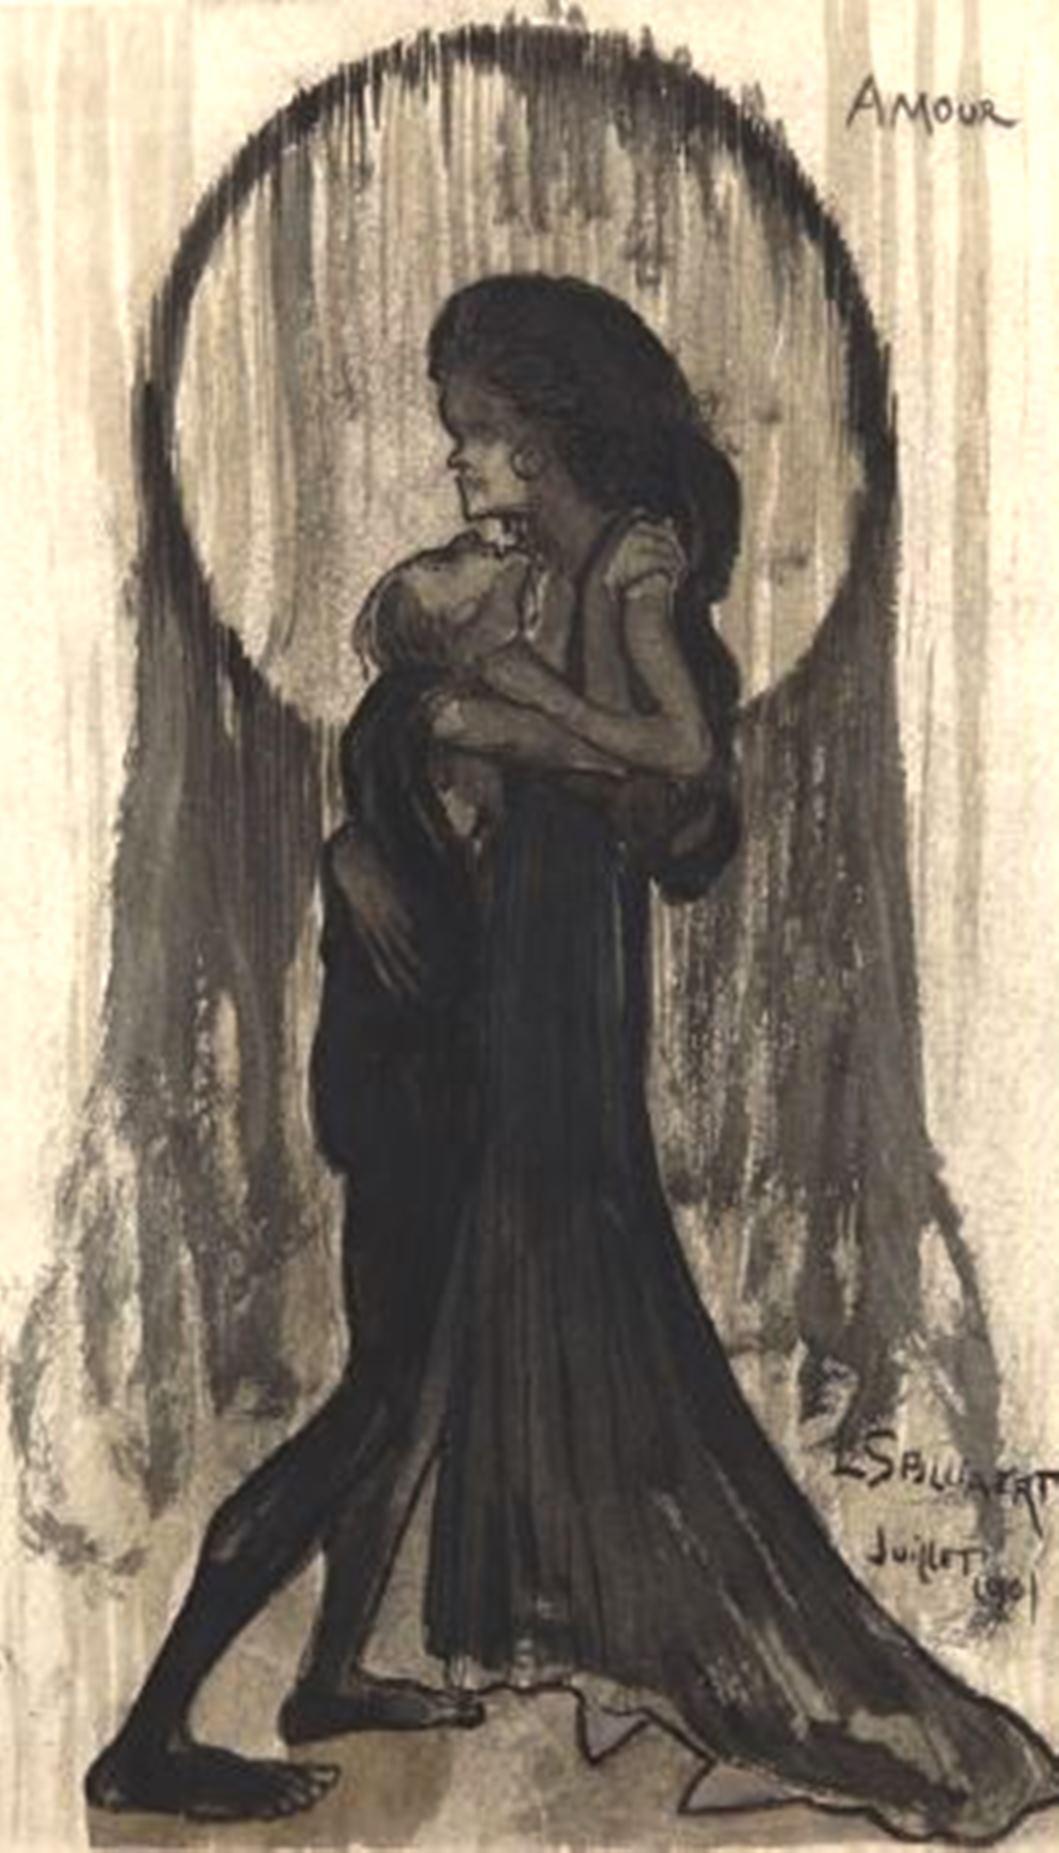 Léon Spilliaert. Amour 1901